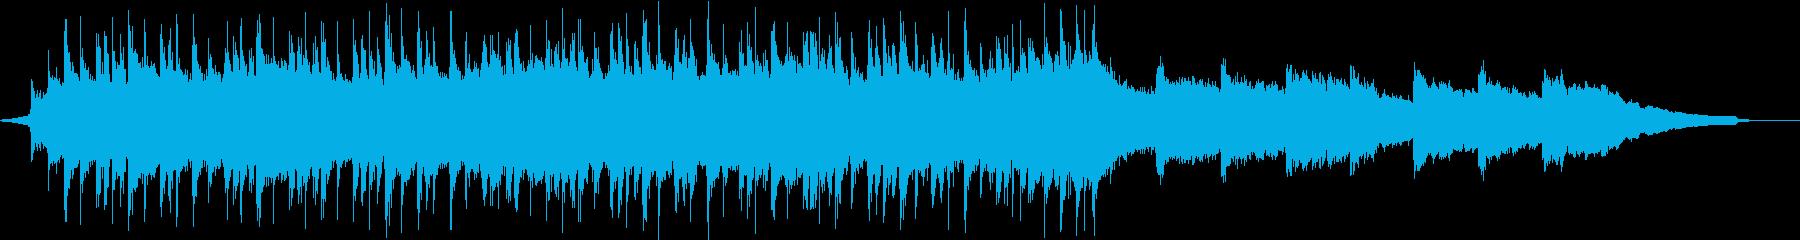 陽気なロックのコーポレートBGM③の再生済みの波形